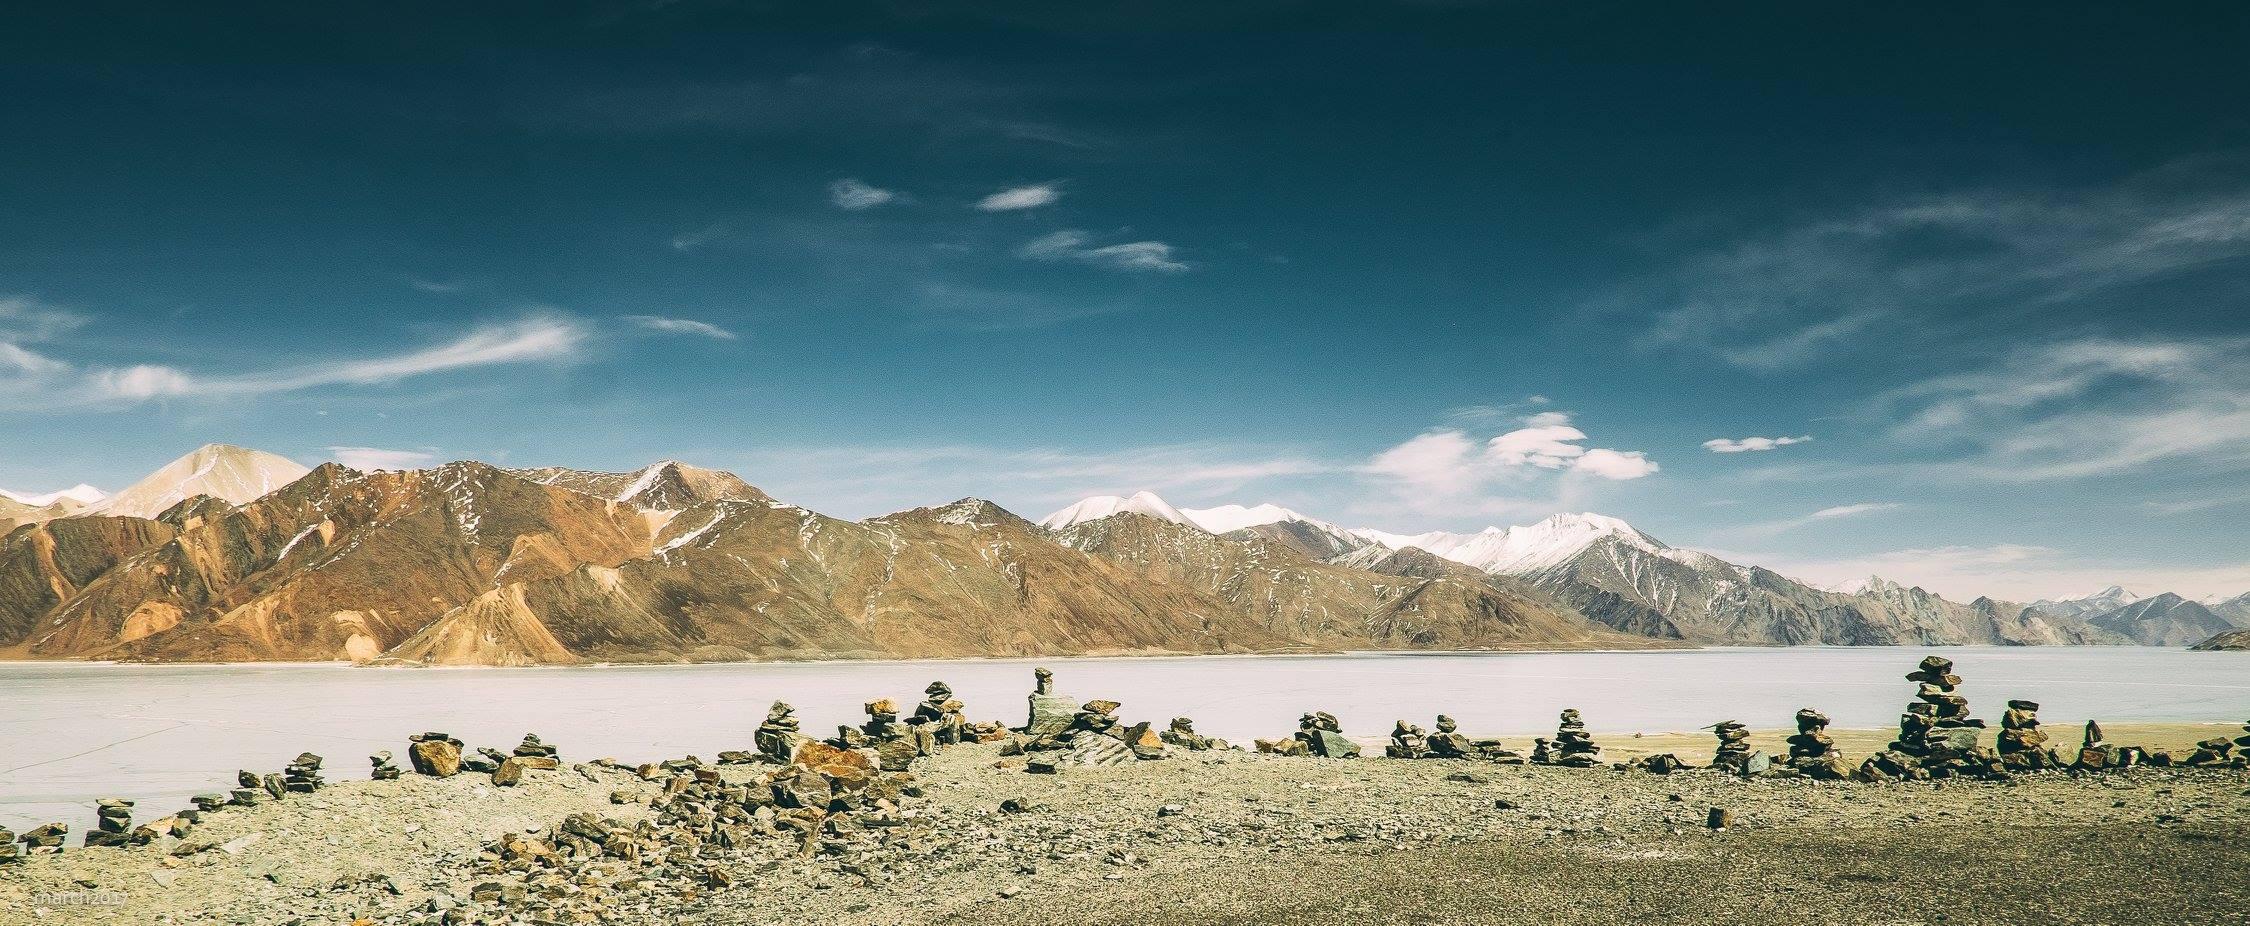 The hills at Pangong copy